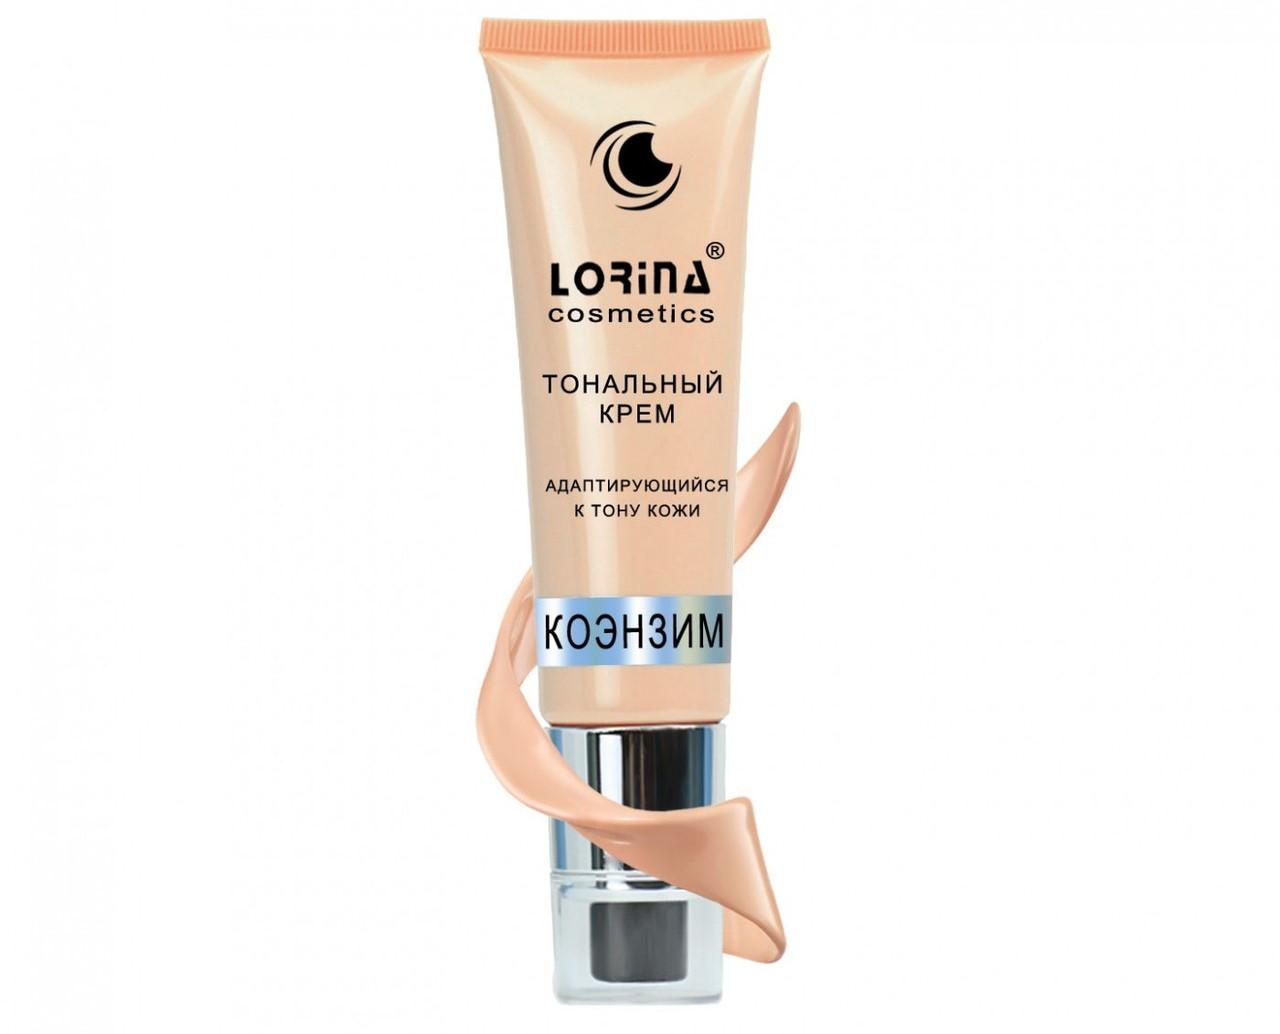 Тональный крем Lorina